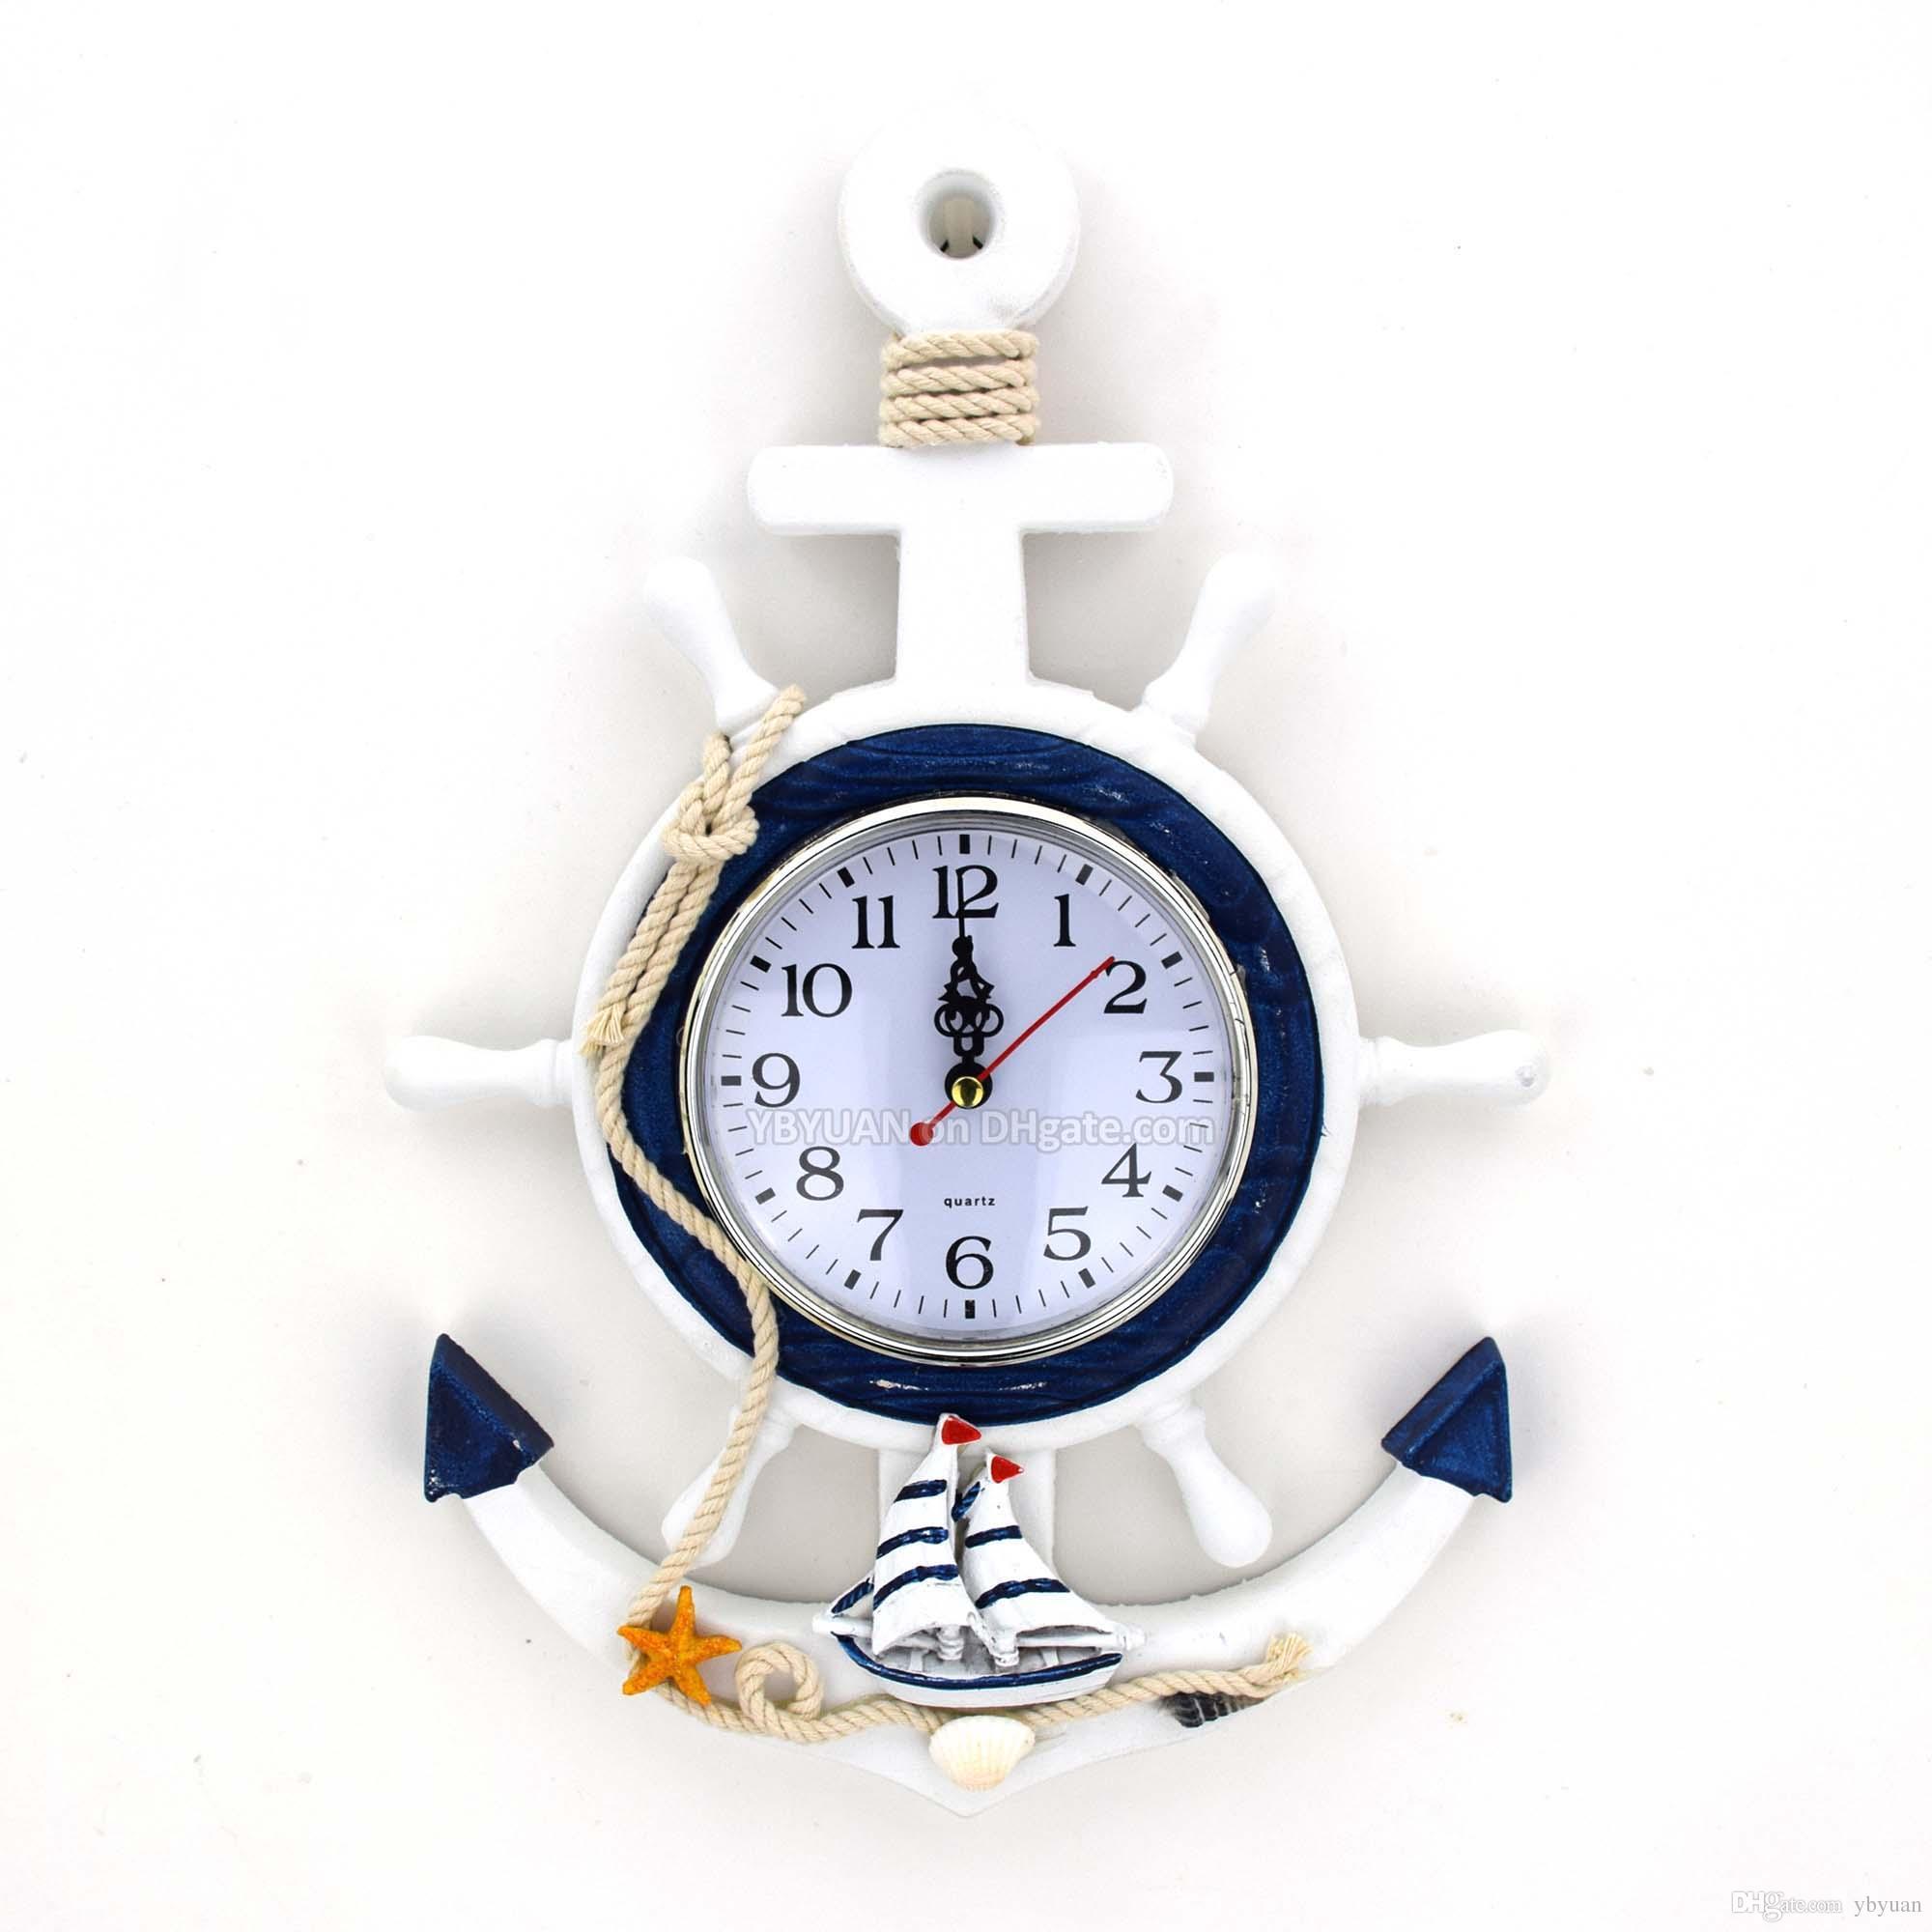 5cb58d1e010 Compre HDF Afligido Madeira Helm Relógio De Parede De Âncora Relógio De  Quartzo Estilo Mediterrâneo Relógio Com Estrela Do Mar Concha Do Mar Shell  ...